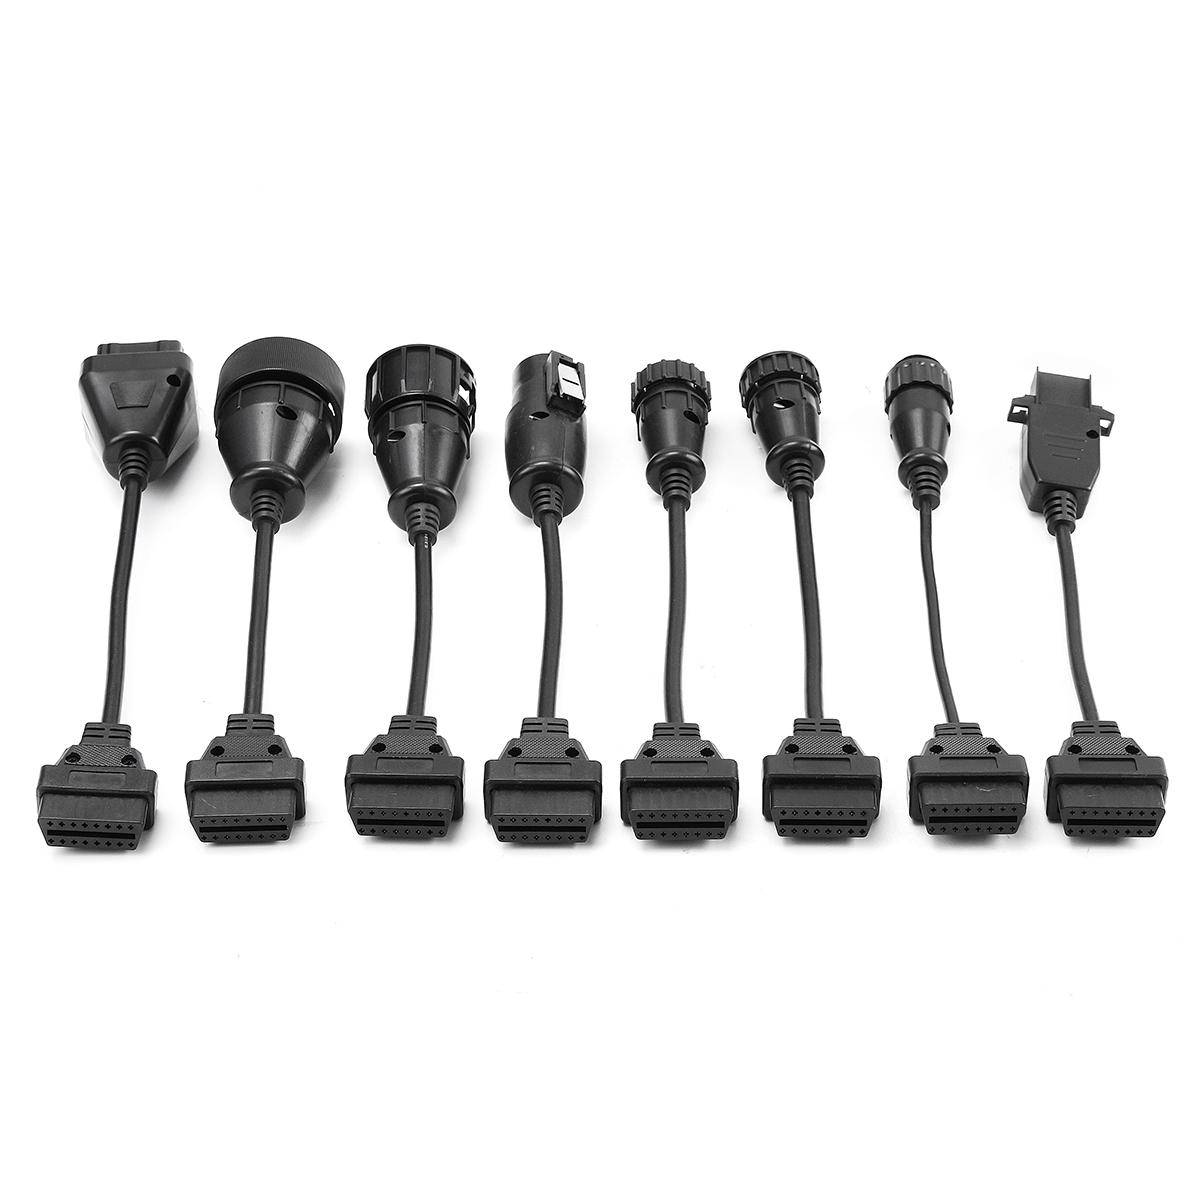 8pcs Obd2 Obdii Full Set Diagnostic Tool Adapter Truck